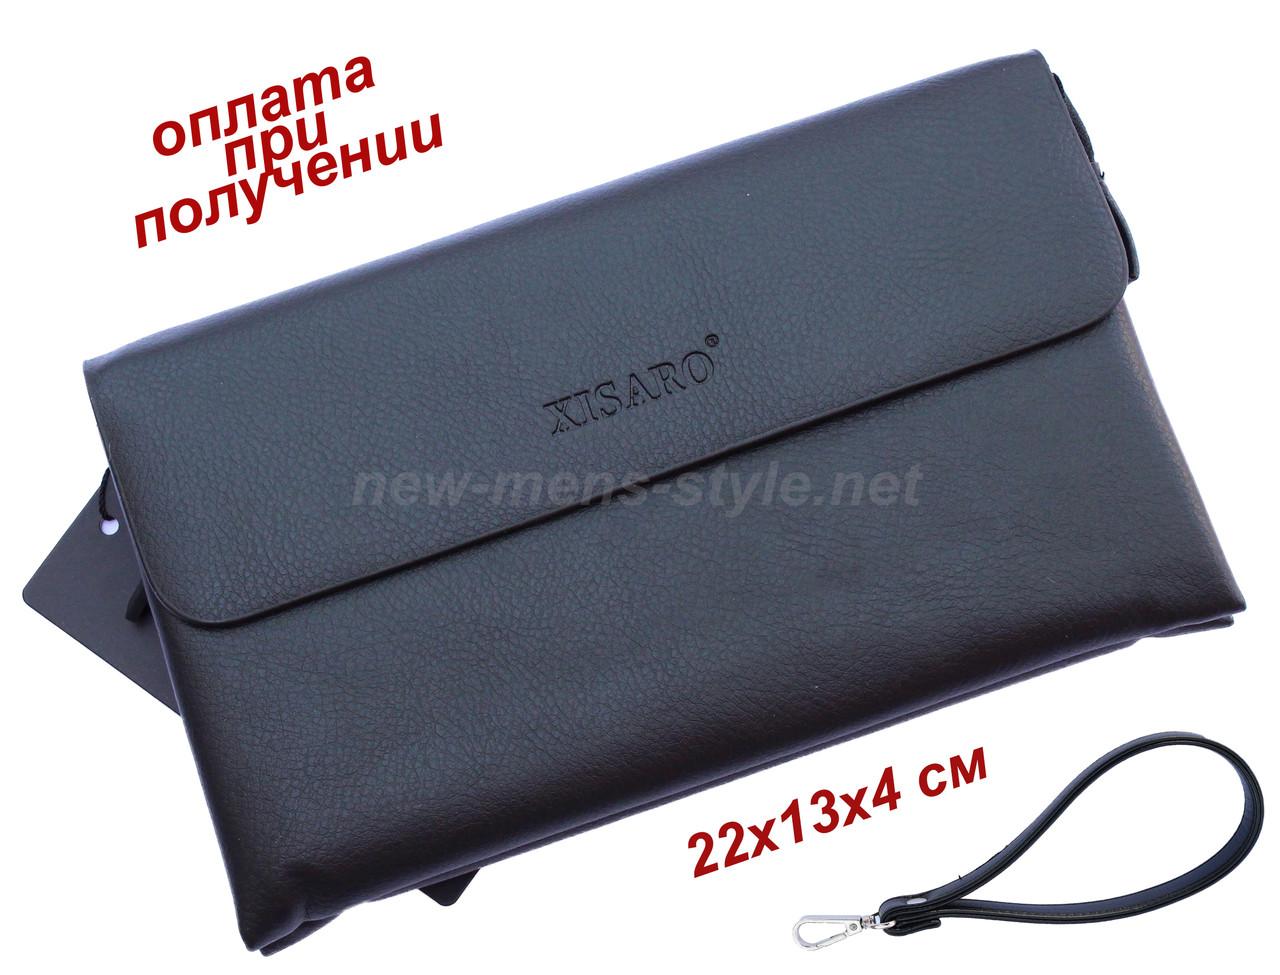 Мужская кожаная натуральная сумка барсетка борсетка клатч XISARO NEW